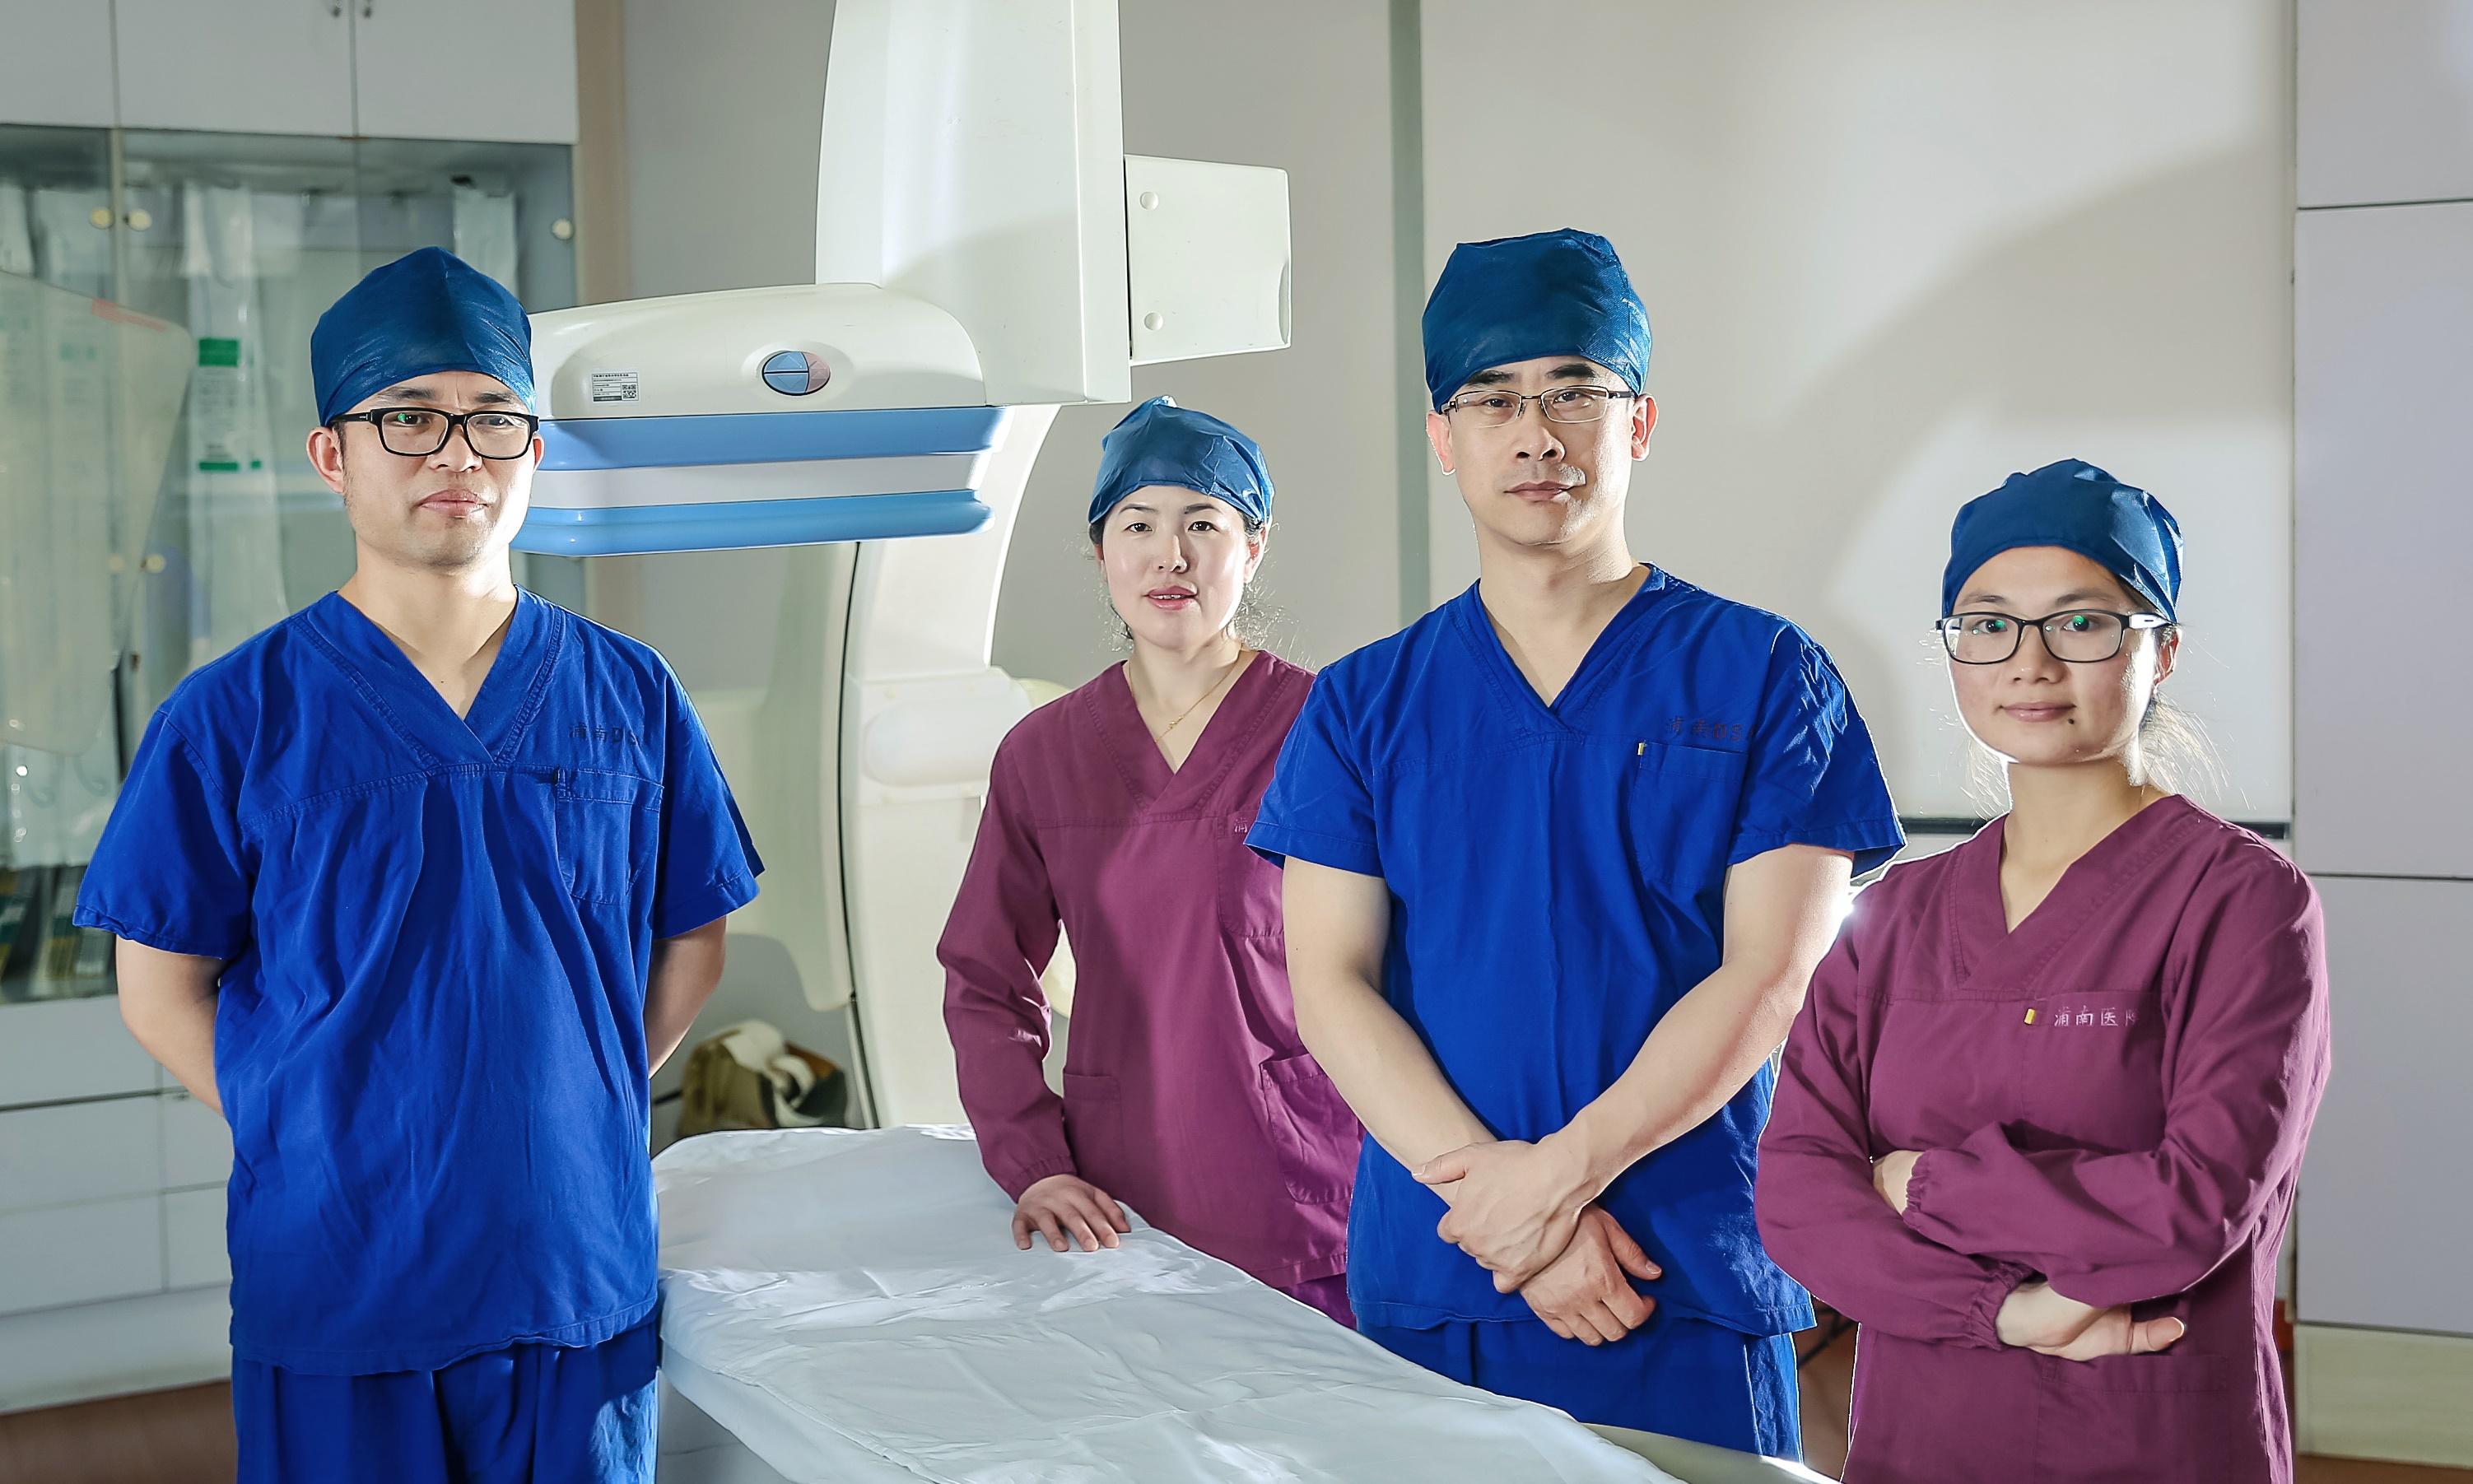 关于冠脉介入诊疗手术 冠脉介入诊疗手术在医院的介入导管室内进行,介入导管室中配备了专业的设备以帮助医生观察心脏及血管的情况。在手术时,通过一根薄的塑料管(导管)从手臂或腿部的动脉进入心脏,导管到达位置后,医生便注射造影剂来显示血液的流动情况。如果医生识别到血管狭窄或堵塞而影响血流,则可以通过球囊扩张术或冠脉支架植入治疗来改善血流。 手术前需要的检查 一旦医生确定您需要做手术,则在手术之前会做一些检查来准确地评估您的身体状况。 以下是手术之前必须要做的检查: